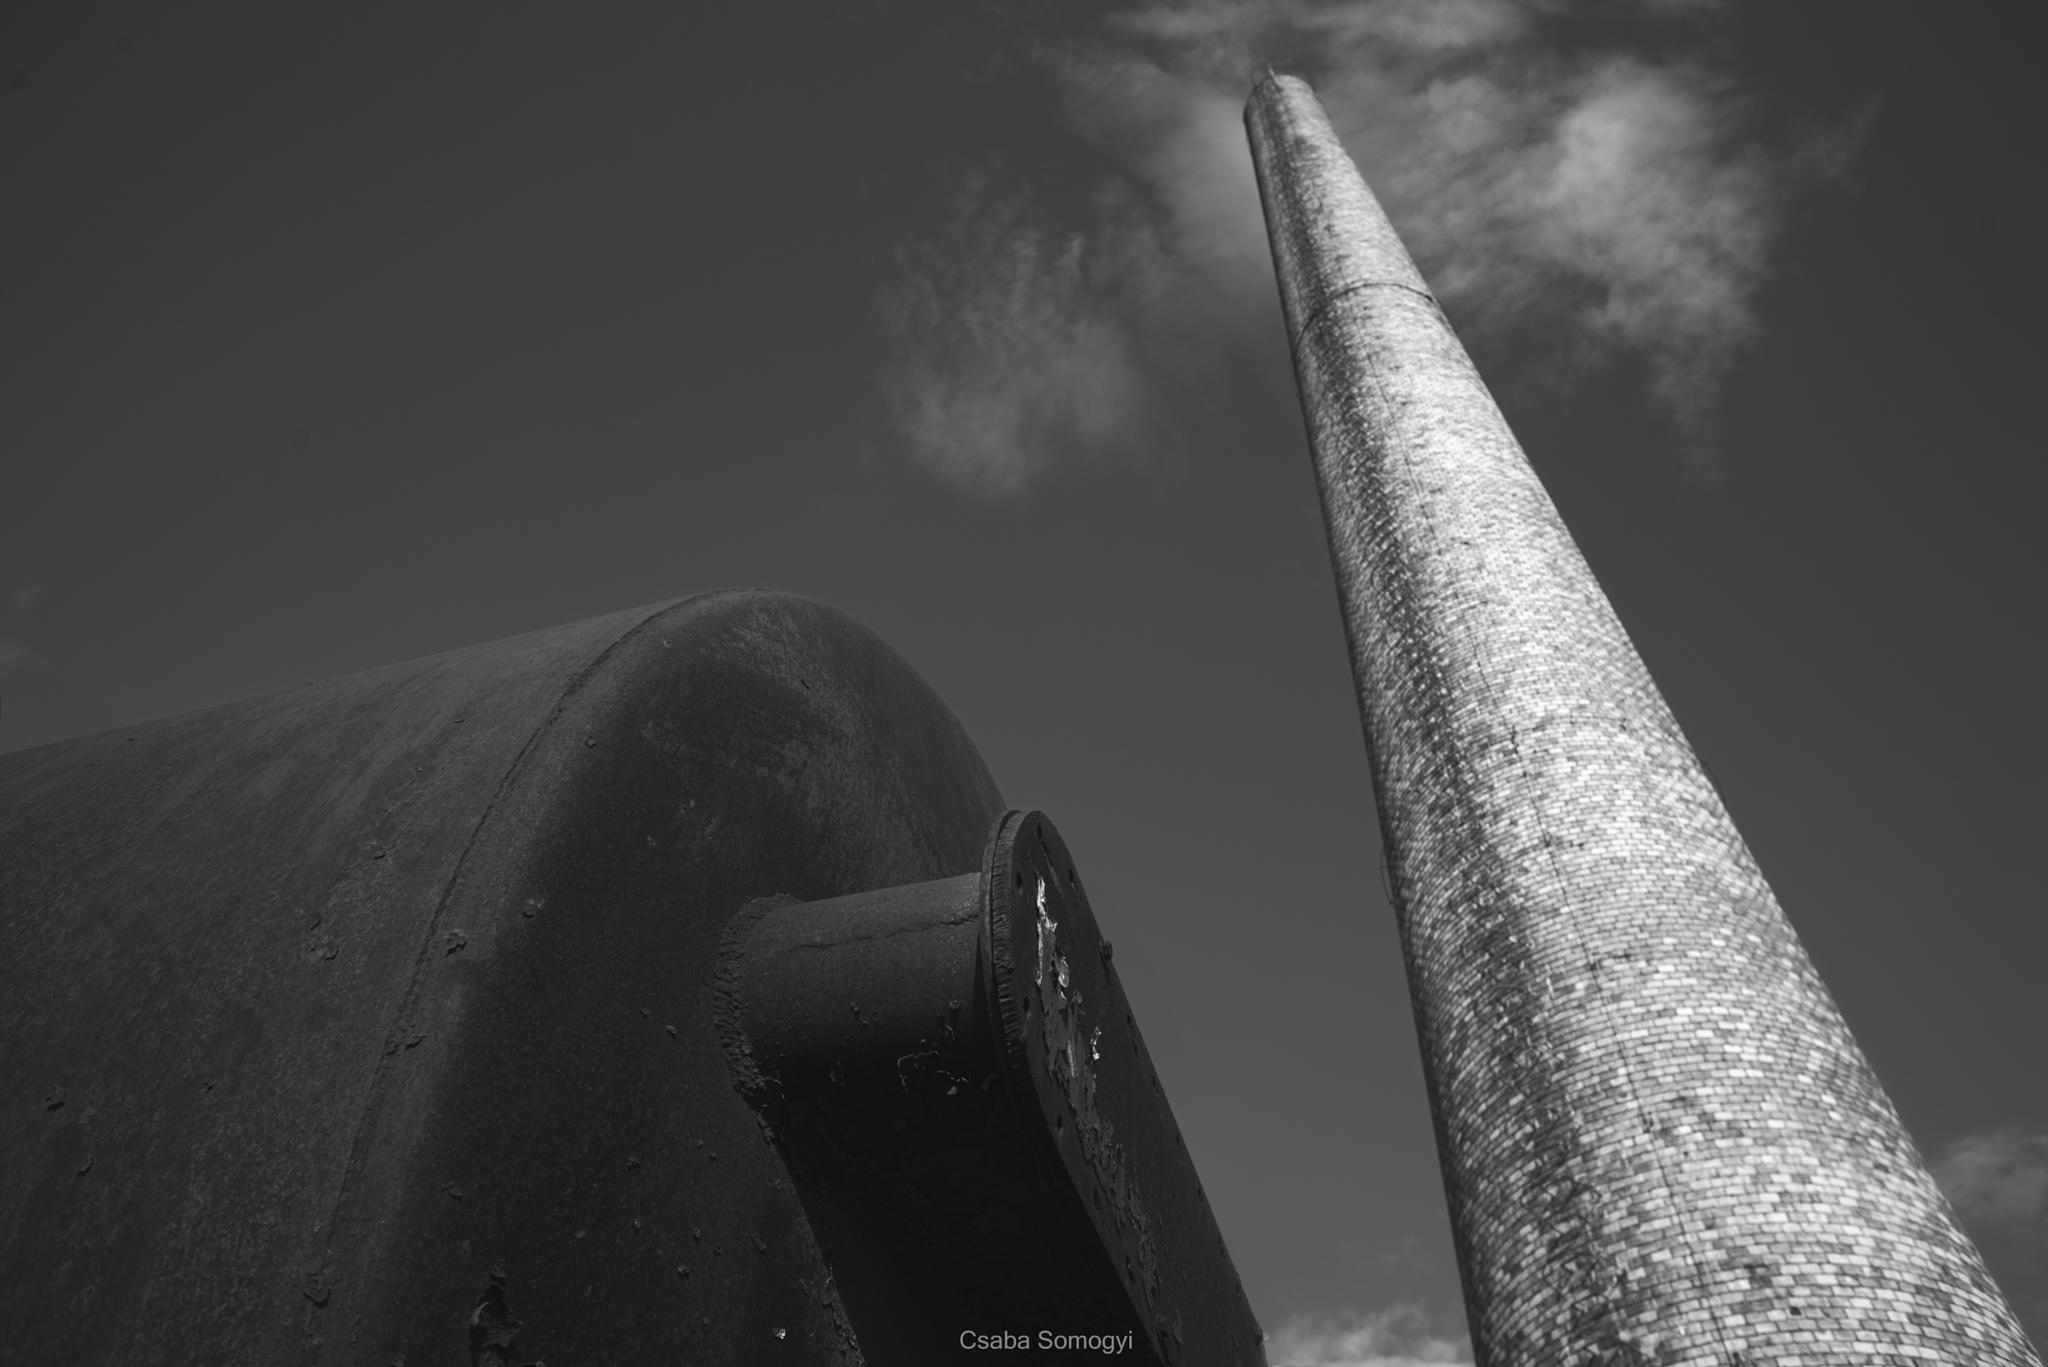 Chimney by Csaba Somogyi